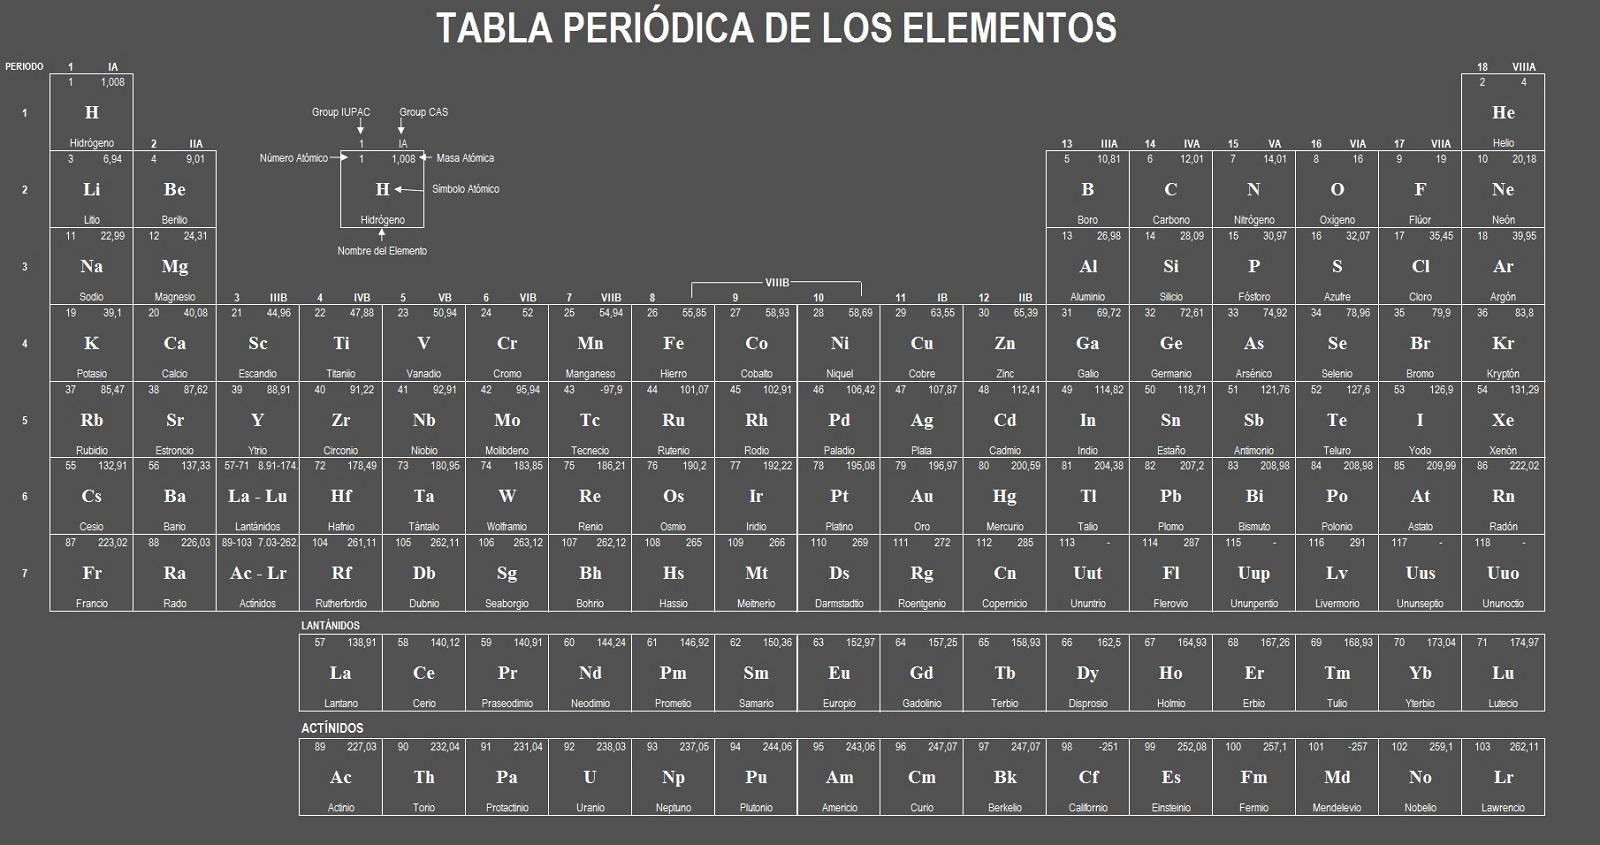 qu es la tabla peridica de los elementos